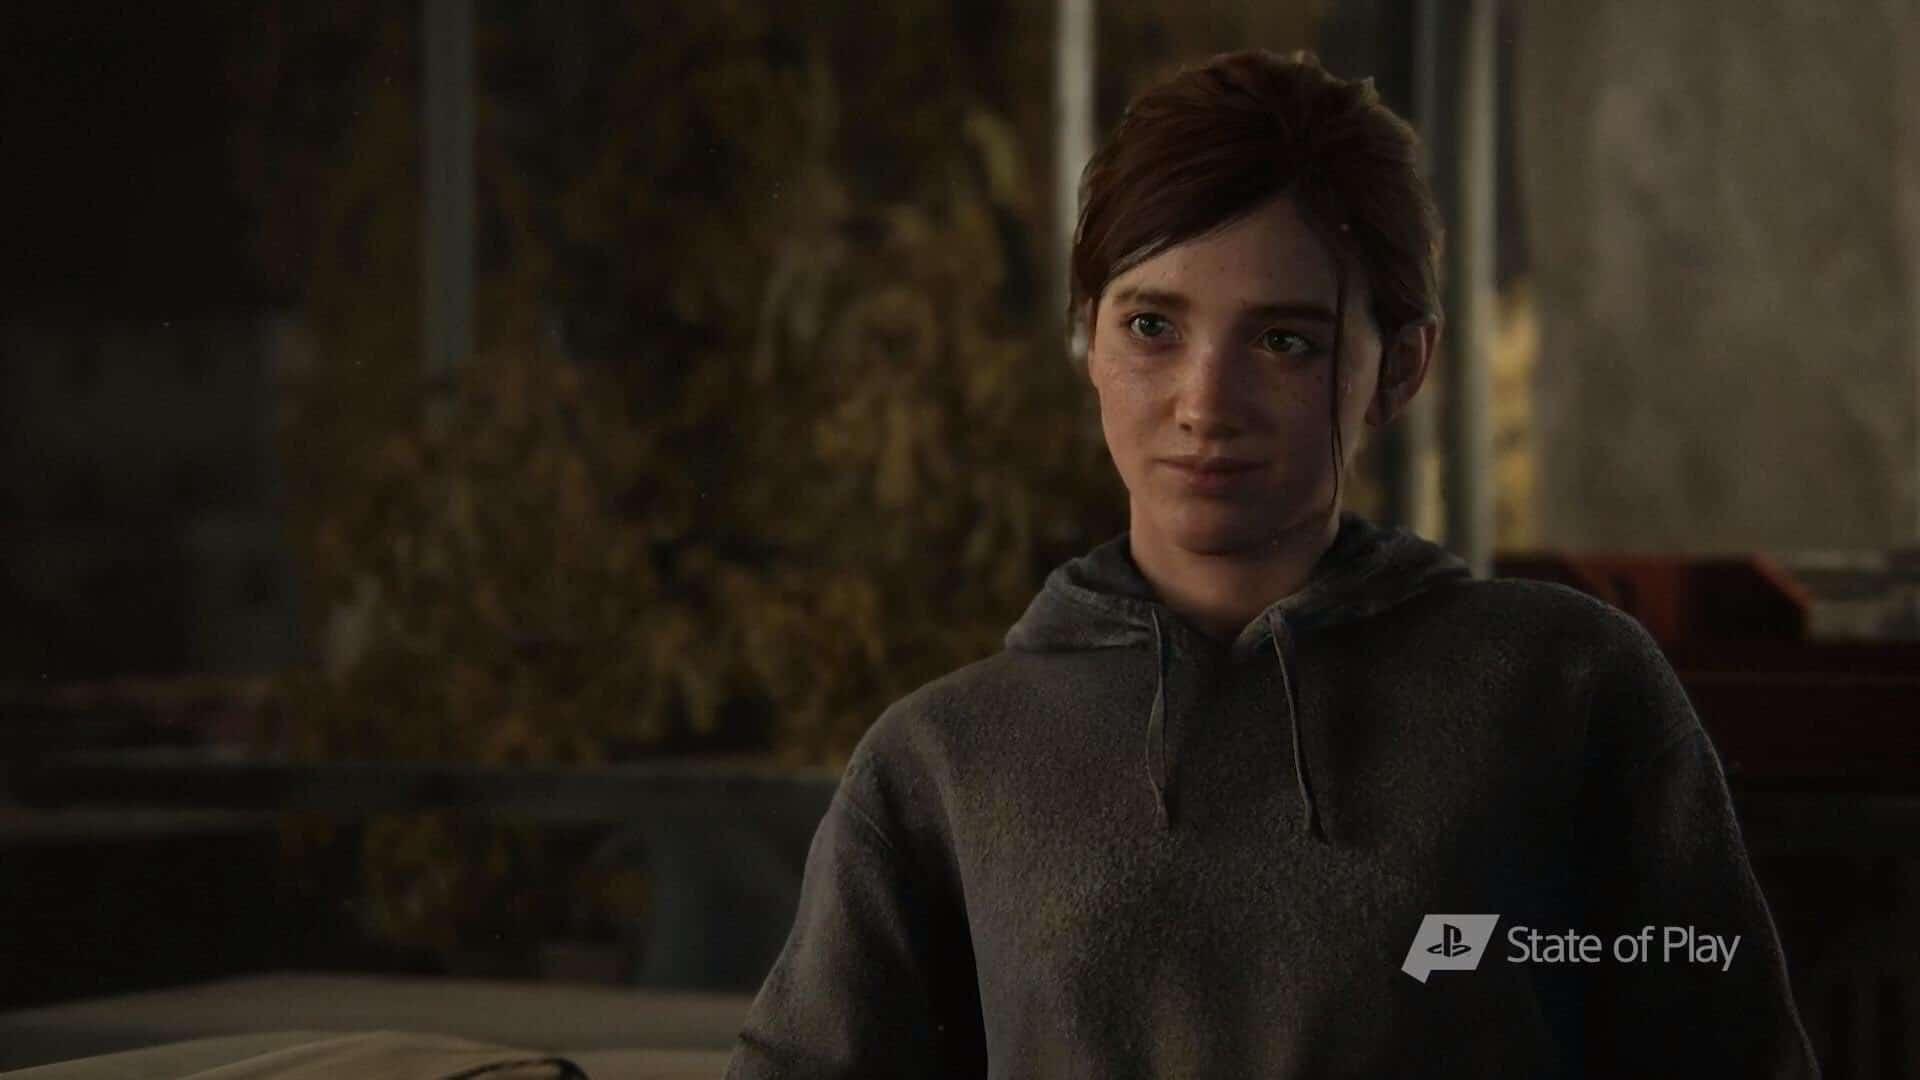 Veja as melhores reações de The Last of Us 2 no Twitter